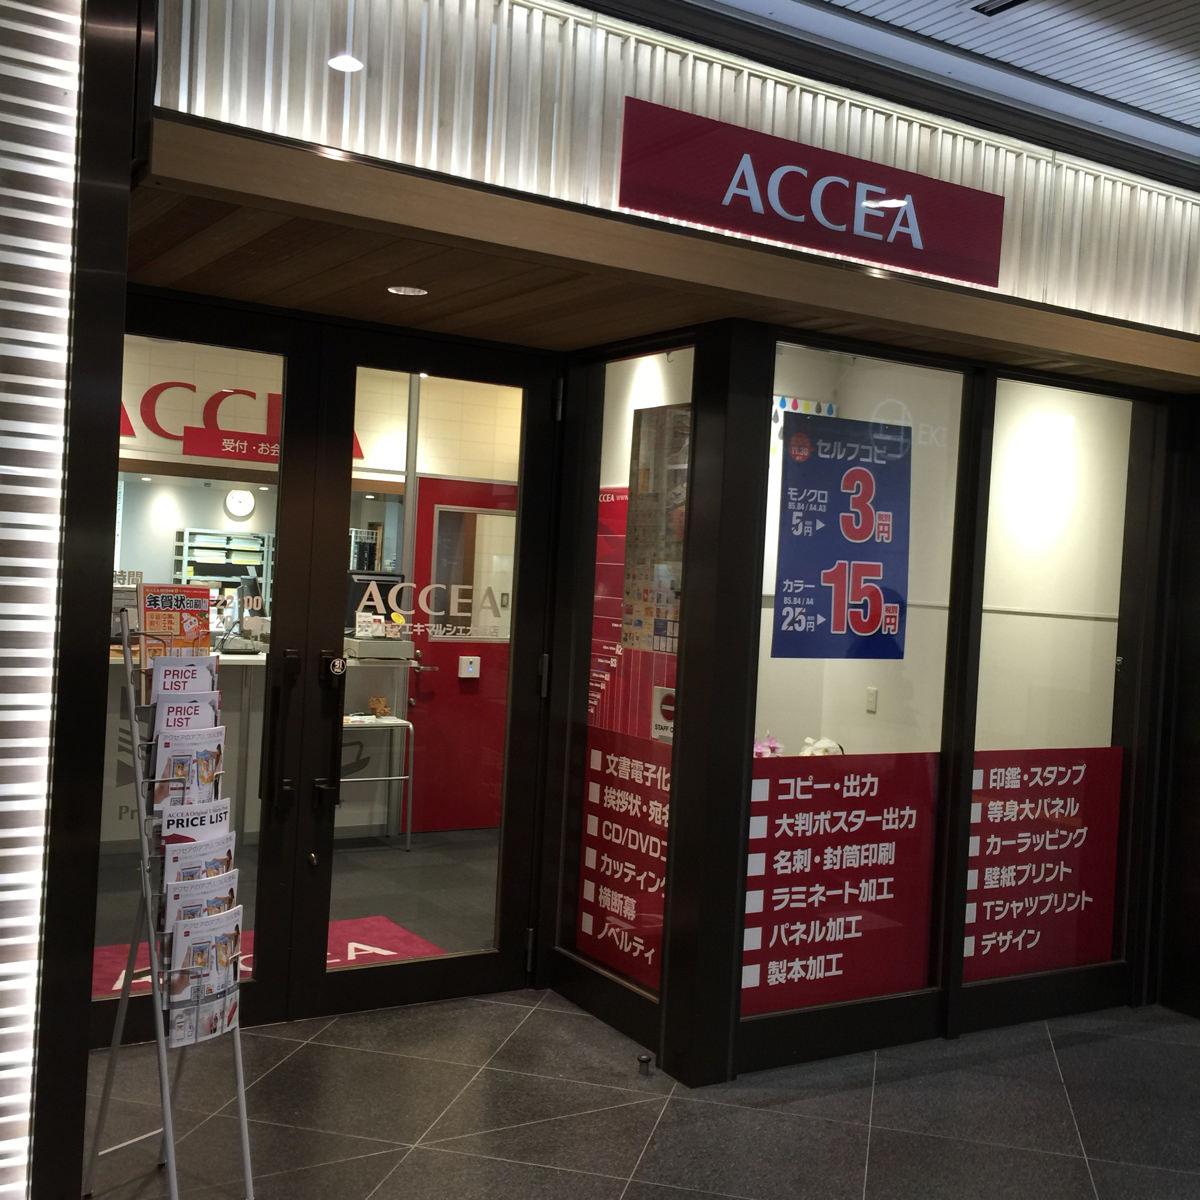 アクセア JR大阪駅店